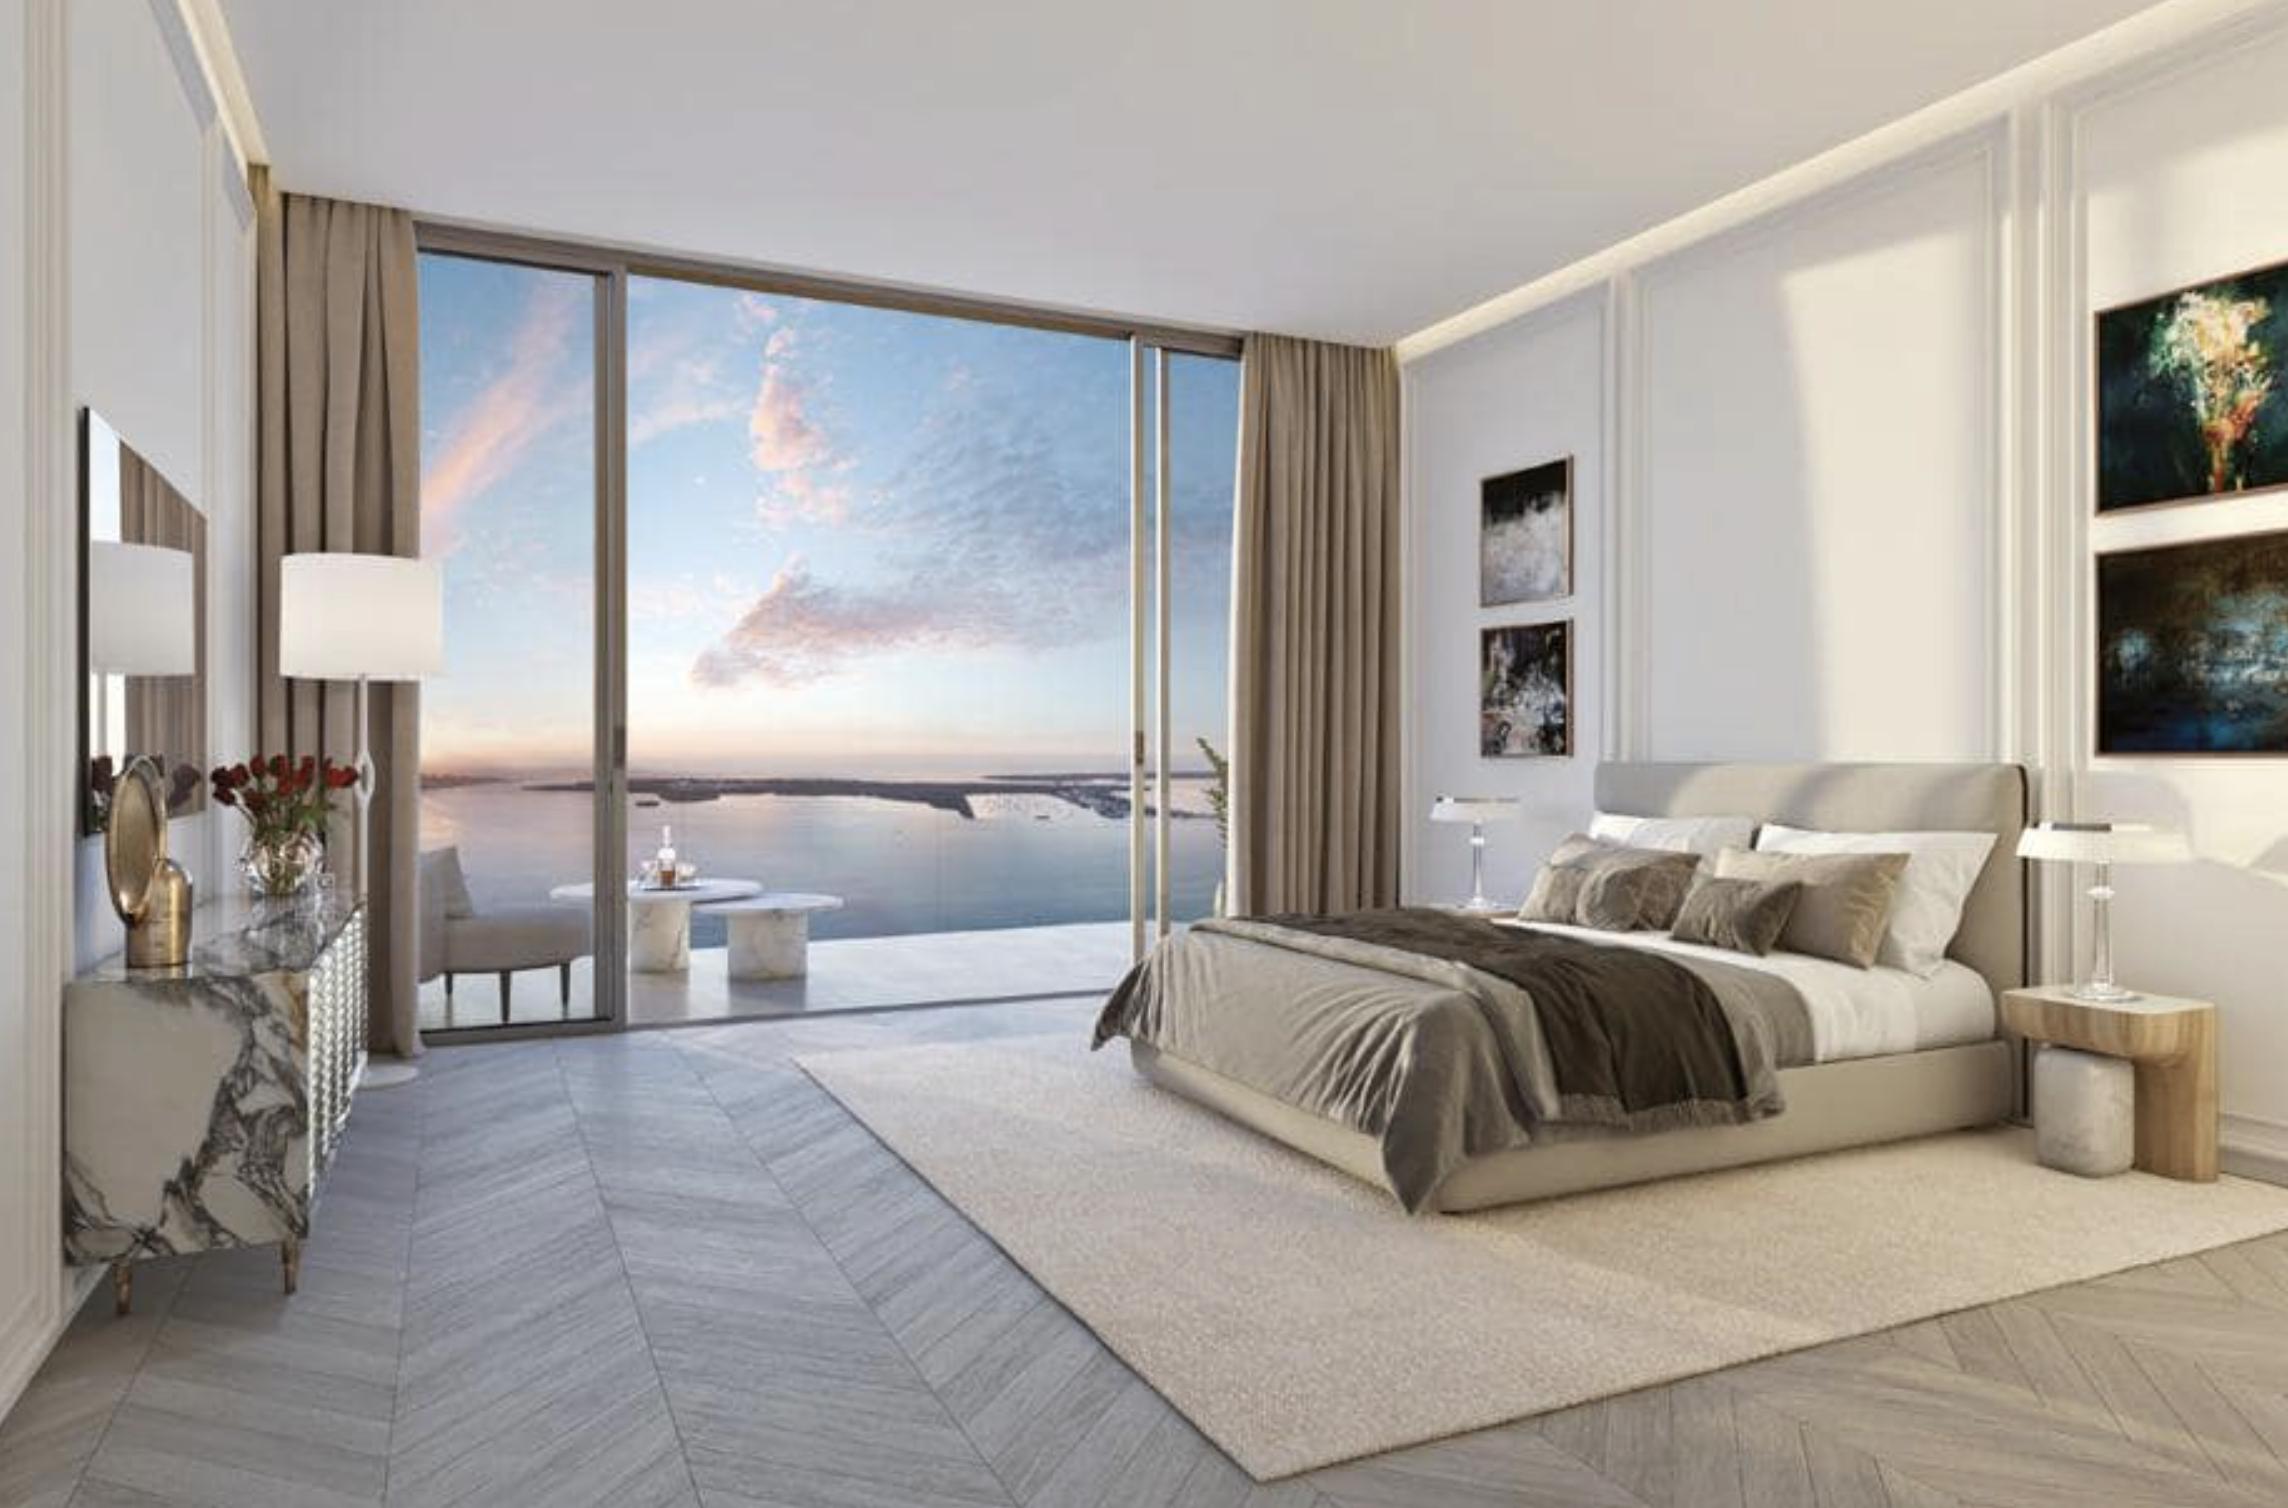 Bedroom. Designed by Meyers Davis Studio.